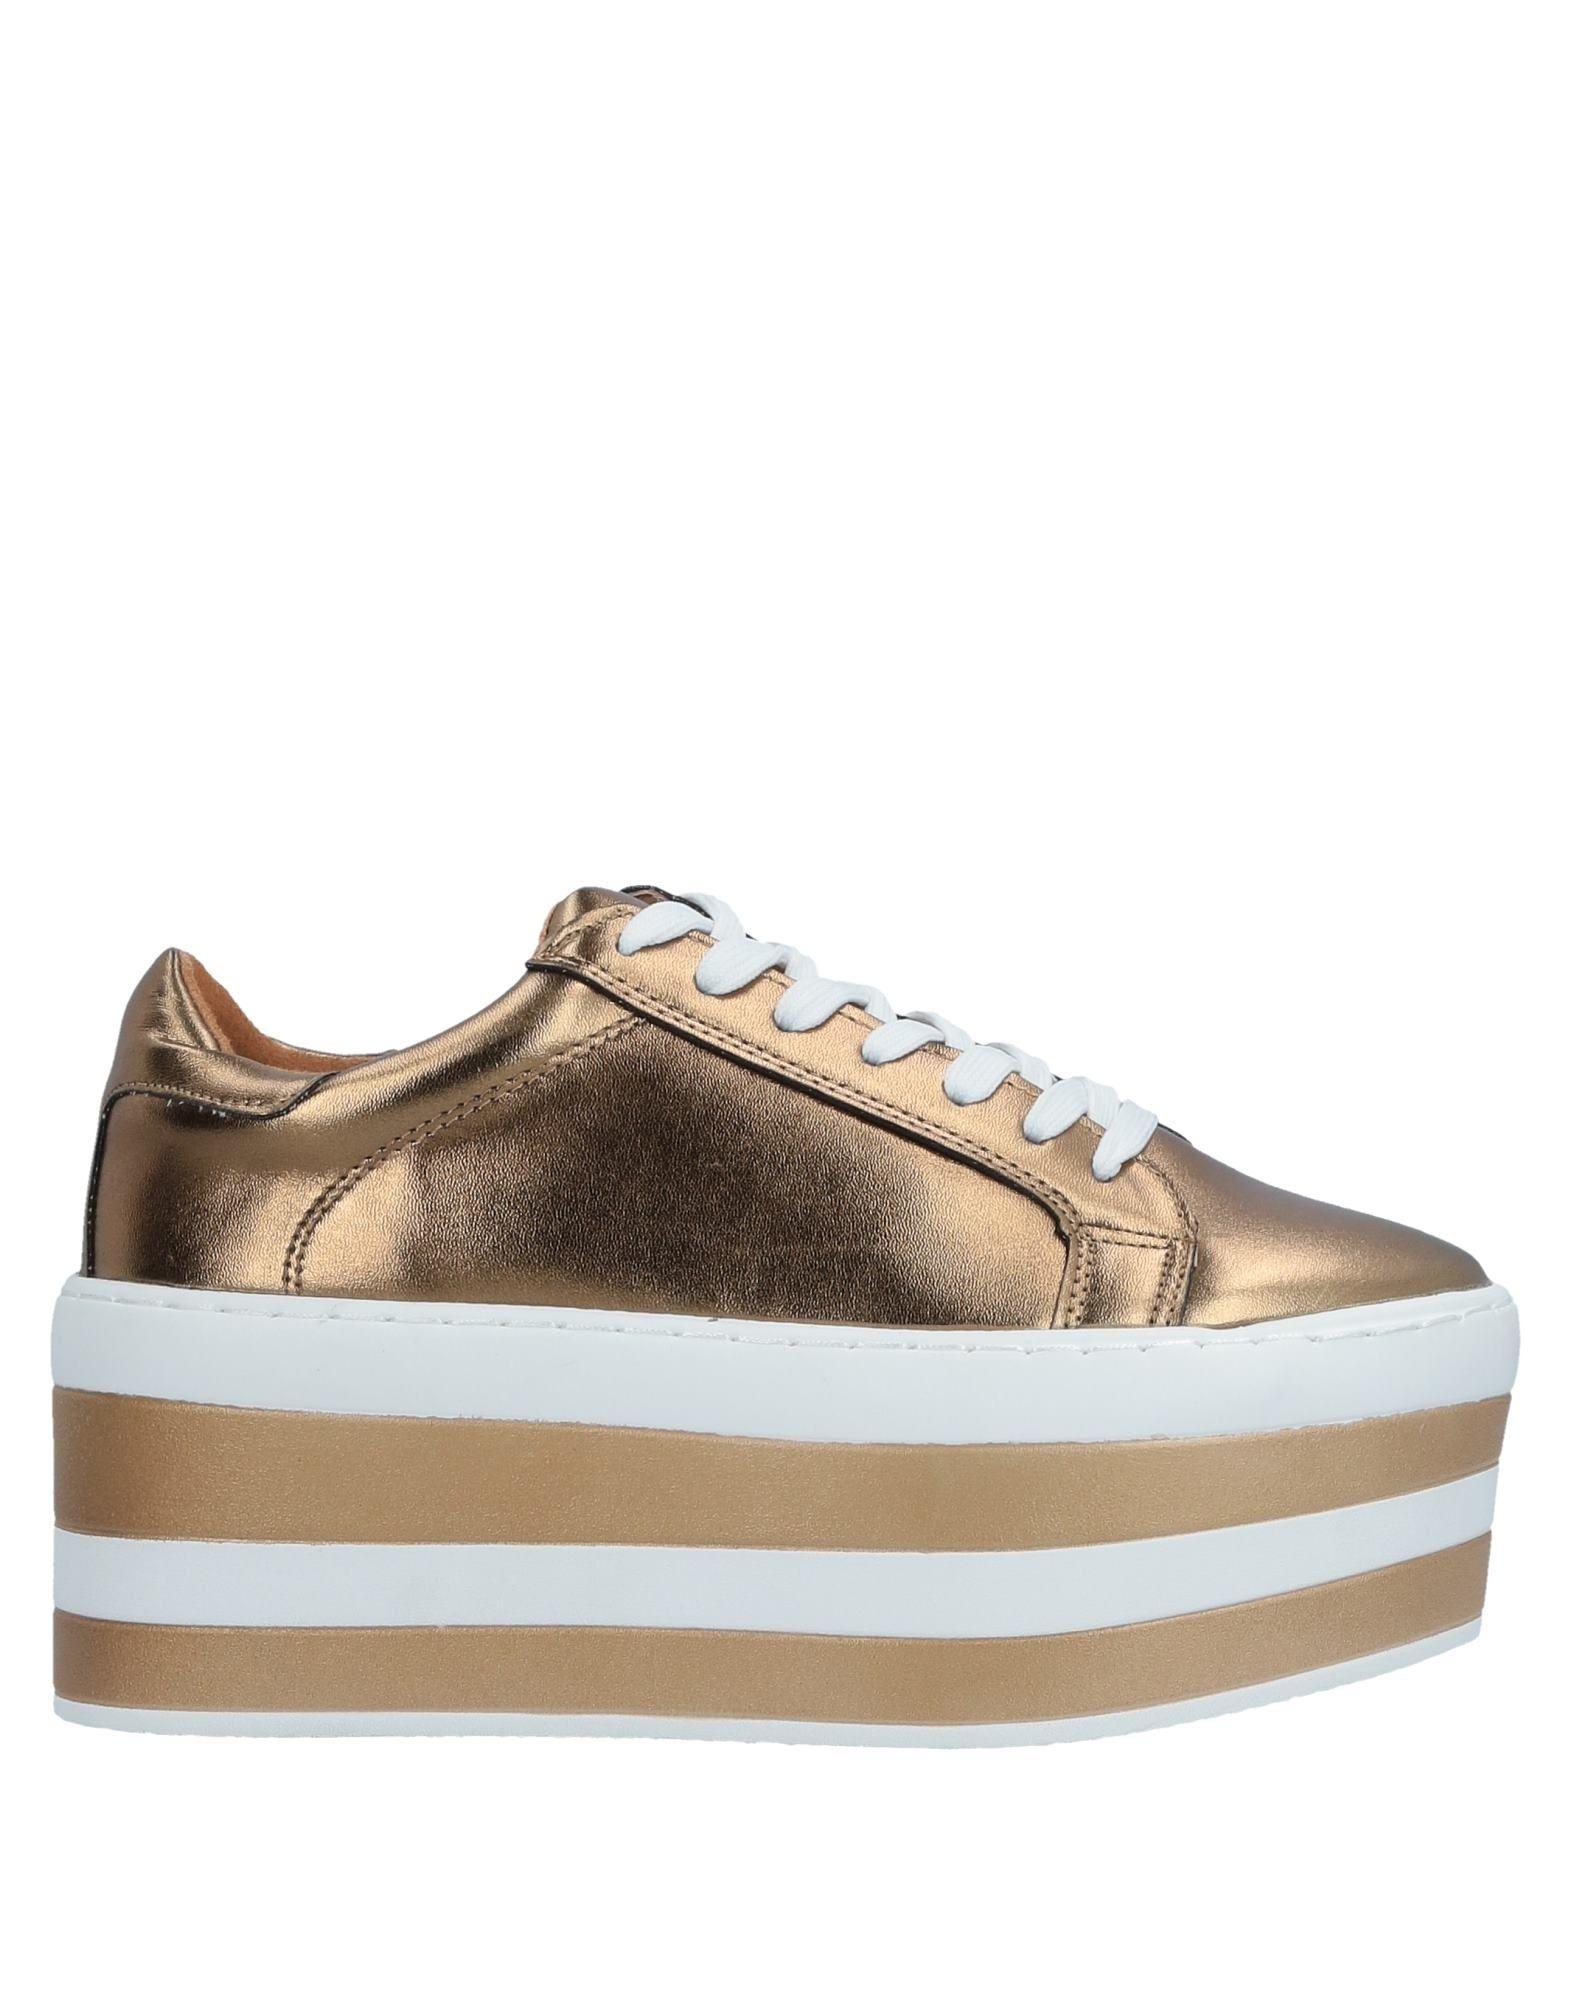 Zapatillas Unlace Mujer - Zapatillas Zapatillas - Unlace  Gris 23fa3f